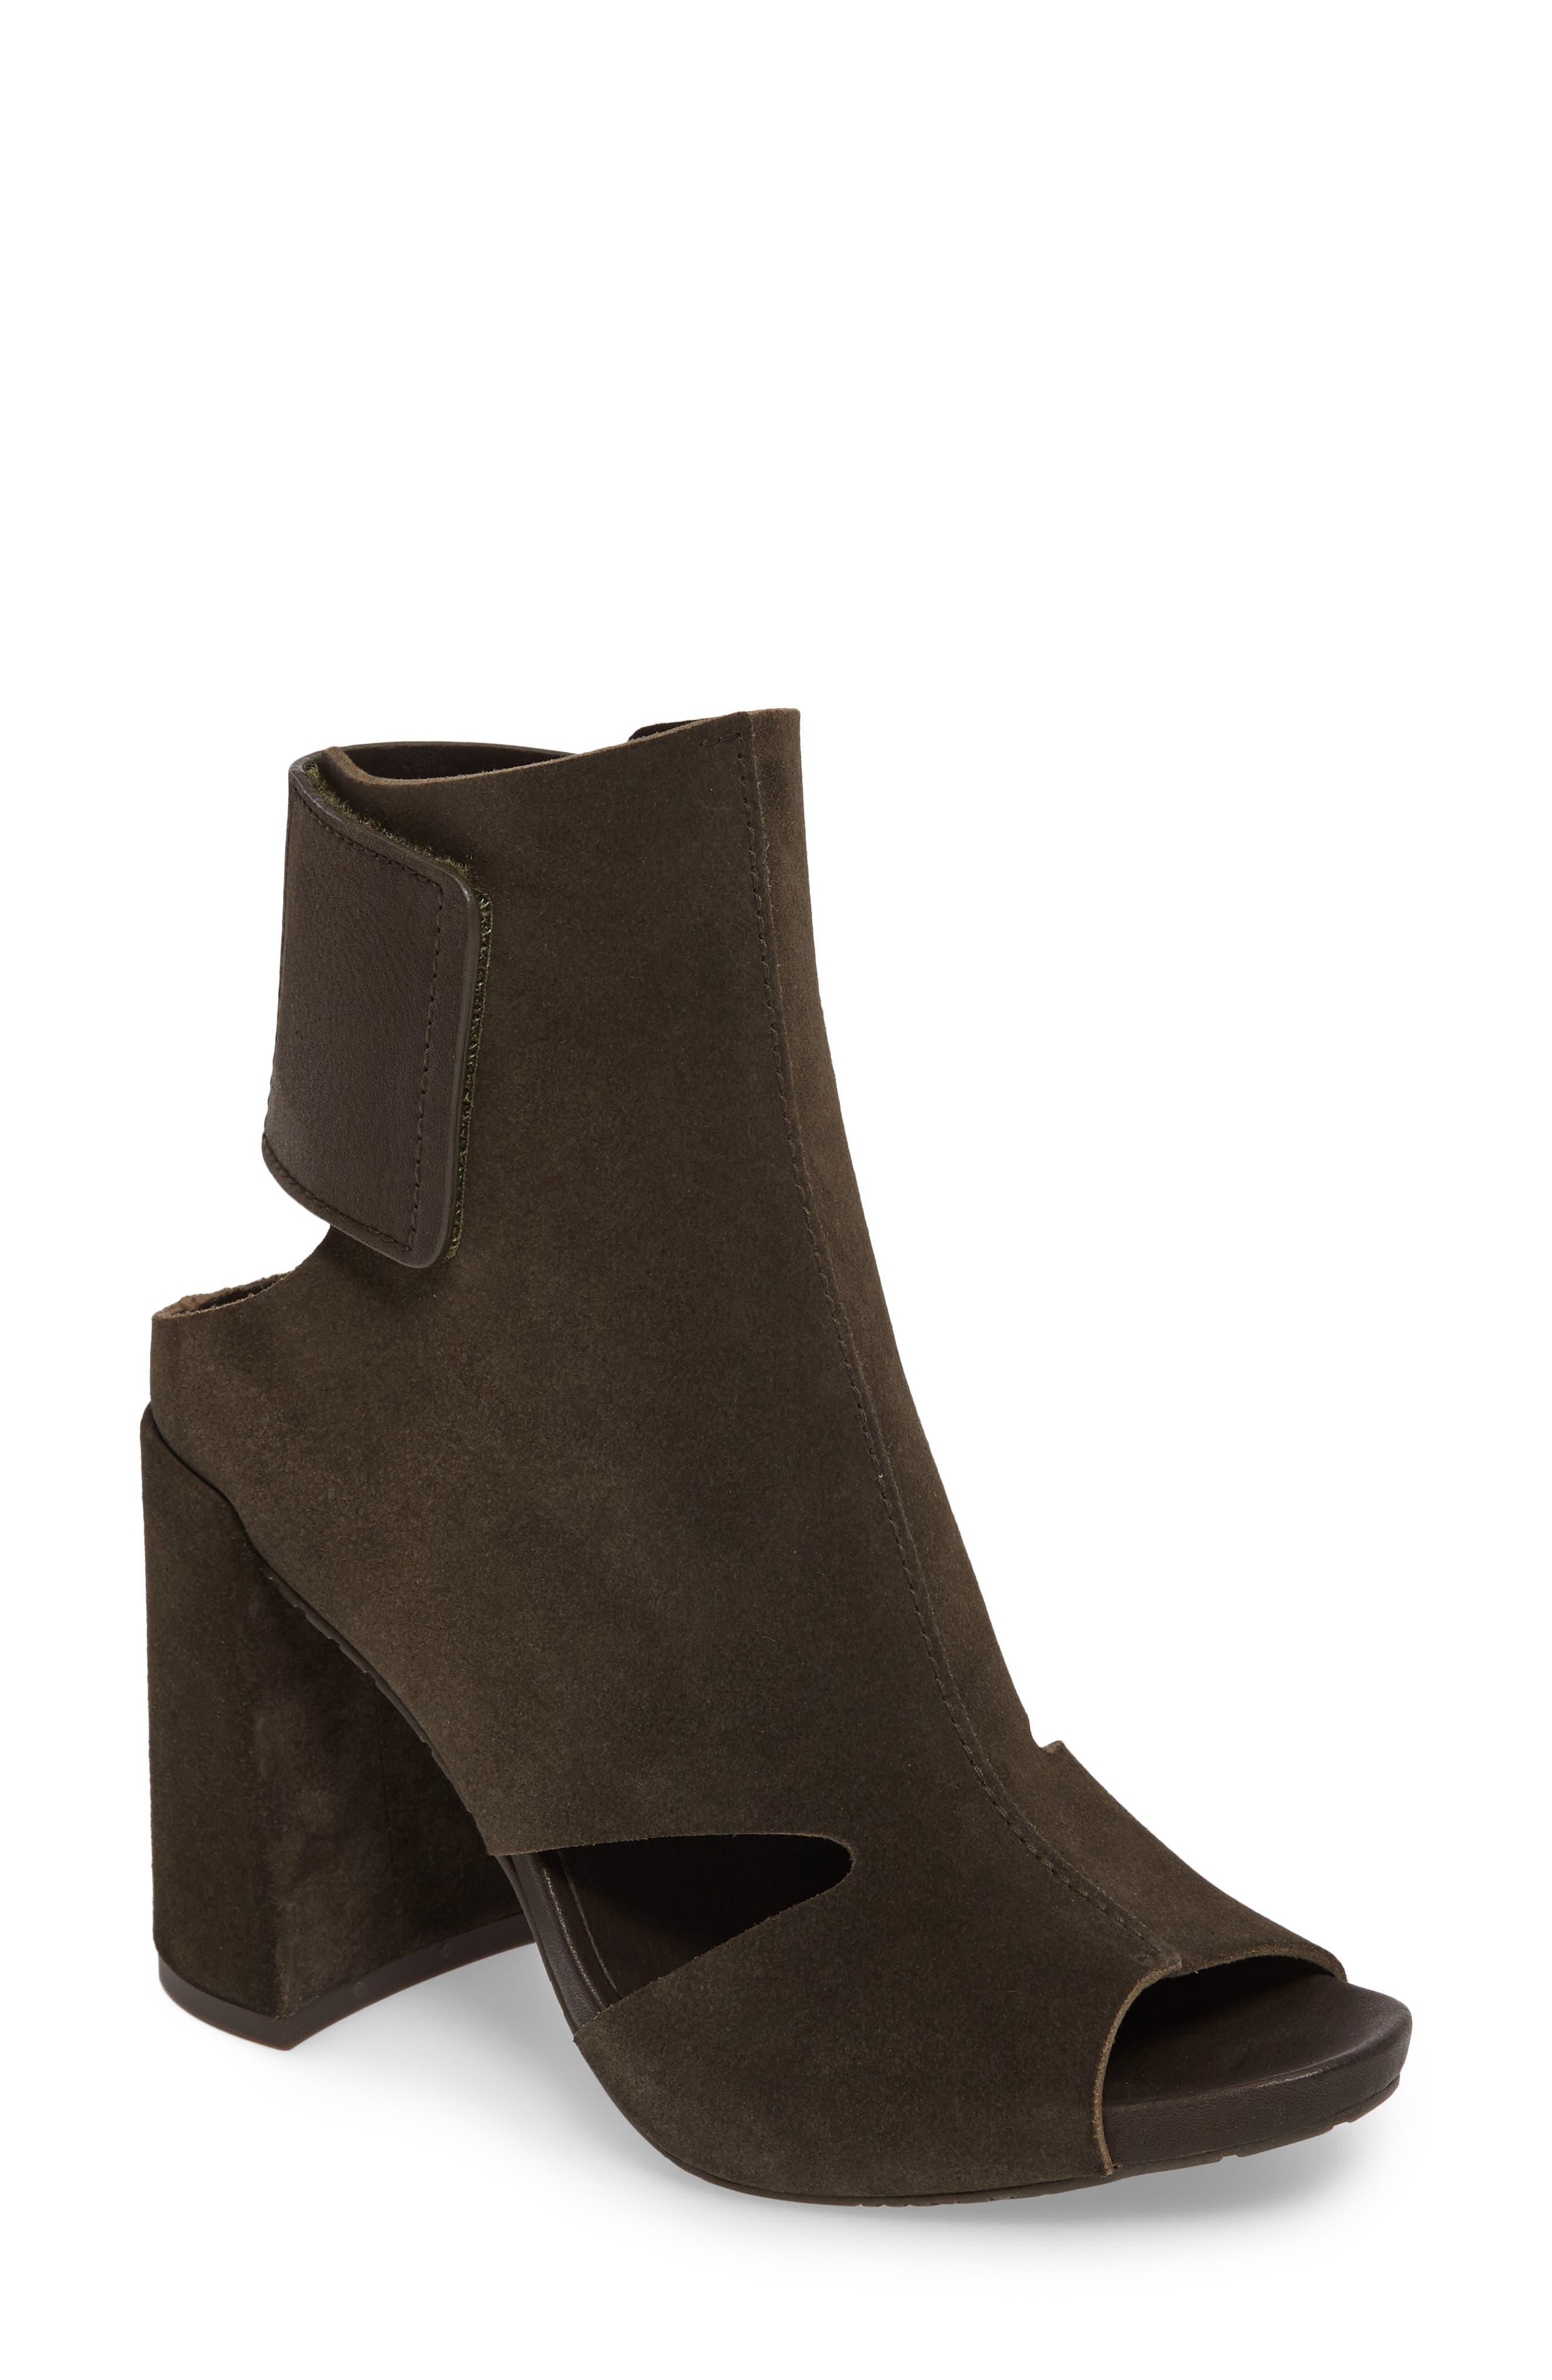 Yeca Block Heel Bootie,                         Main,                         color, Oliva Castoro